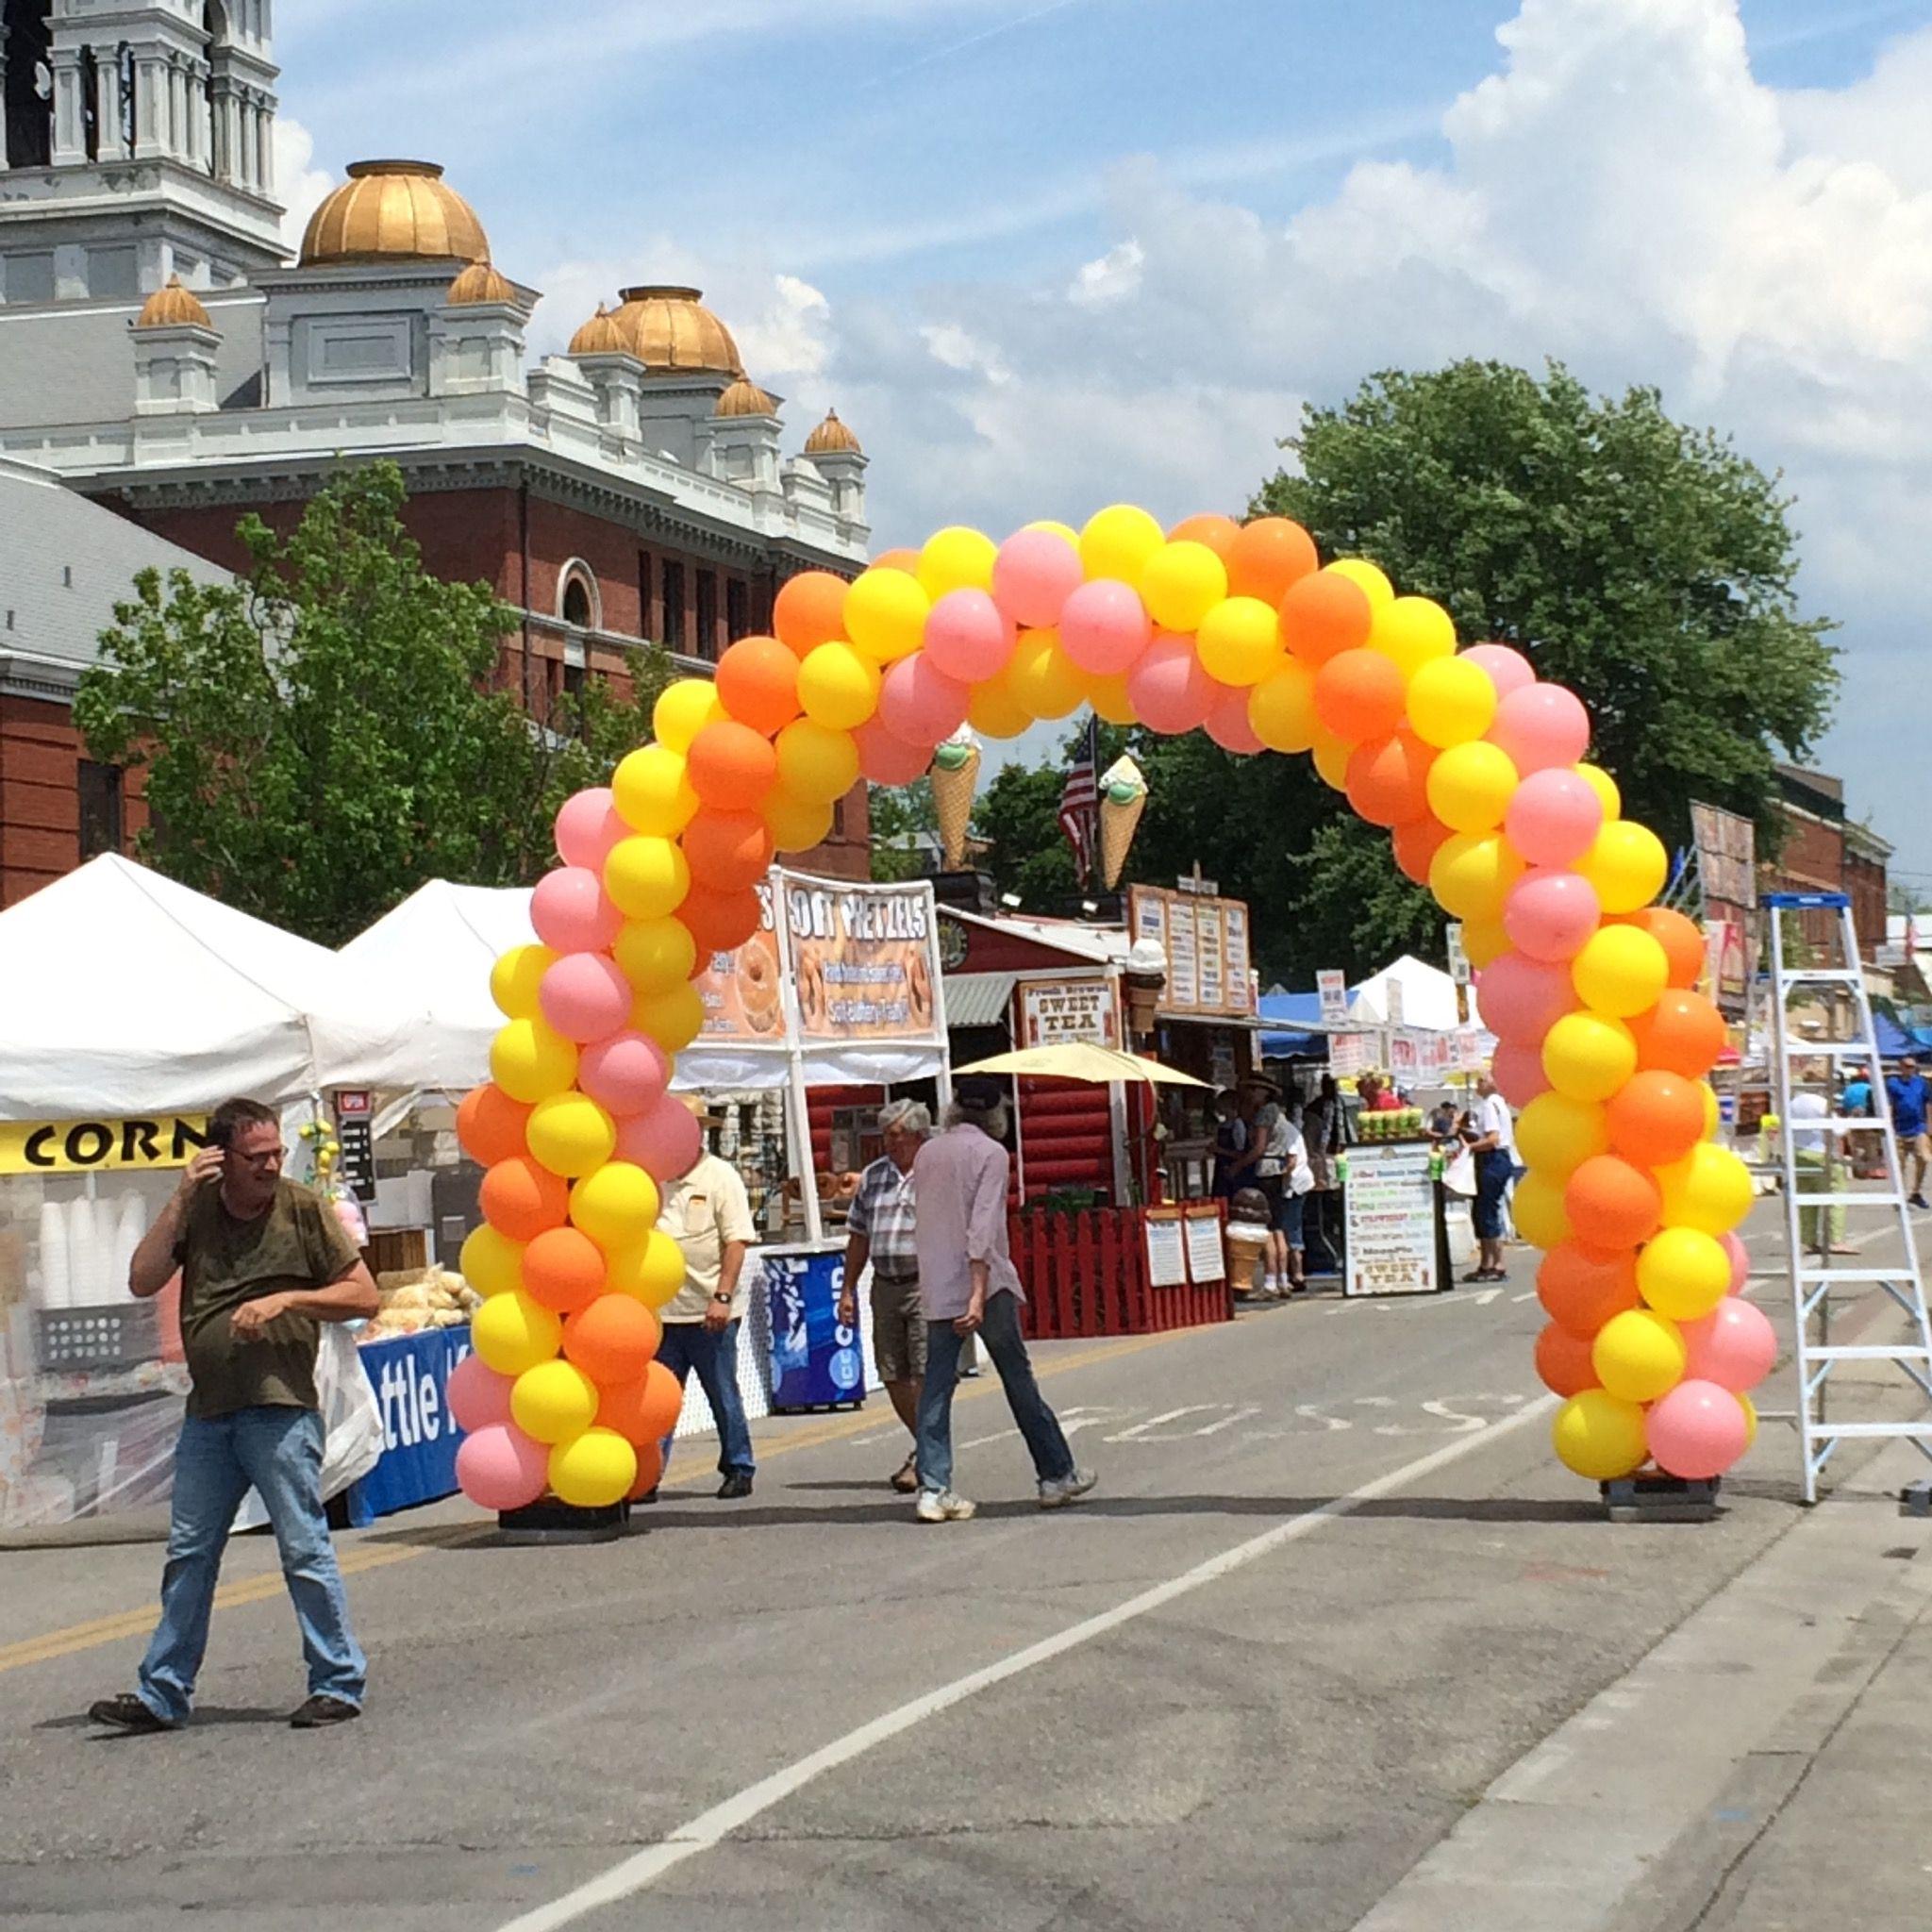 Outdoor Balloon Arch Balloon delivery, Balloons, Balloon